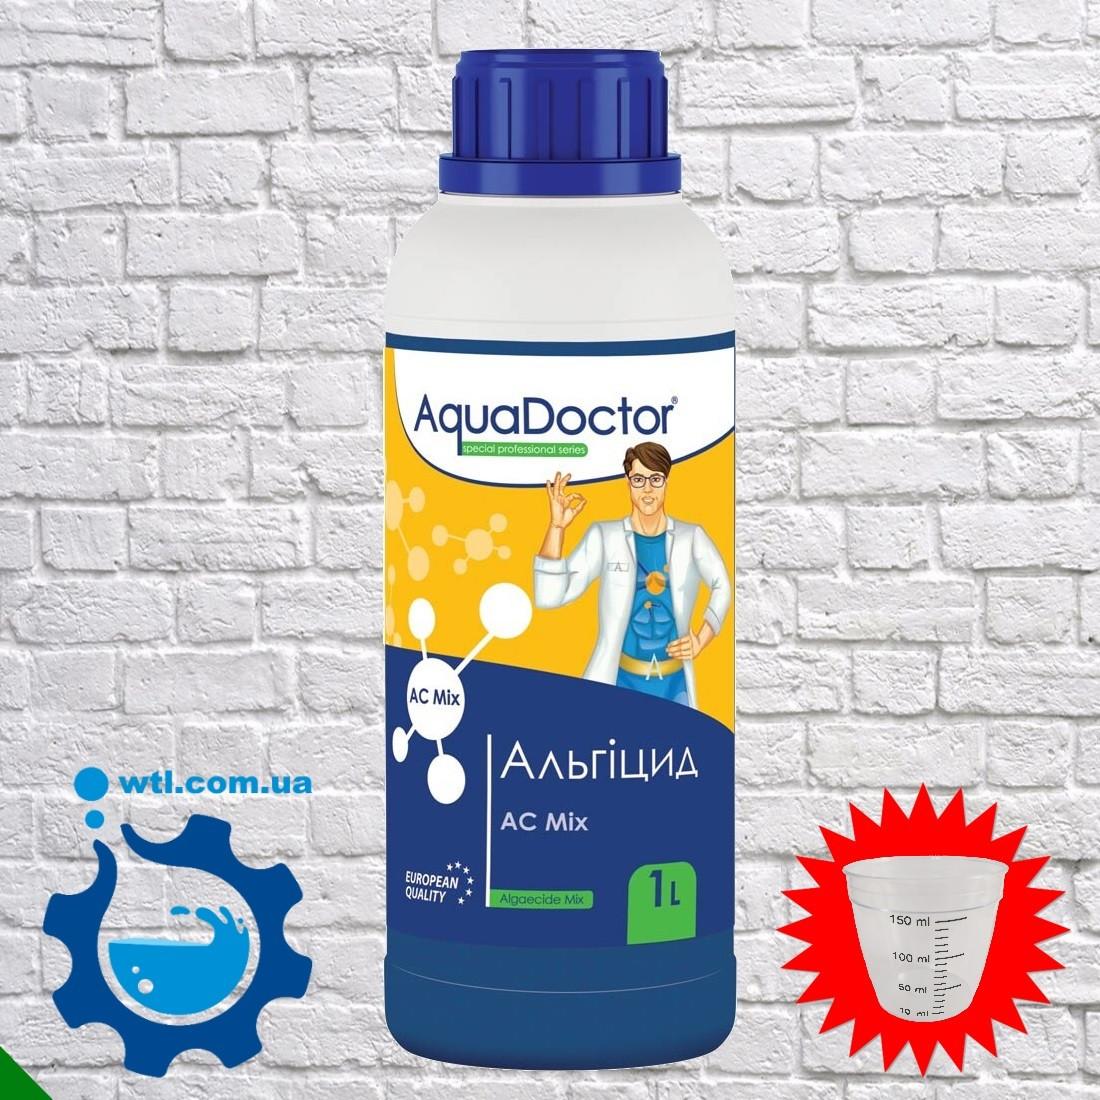 Жидкая химия для бассейнов AquaDoctor AC MIX 1 л против водорослей и зелени Аквадоктор